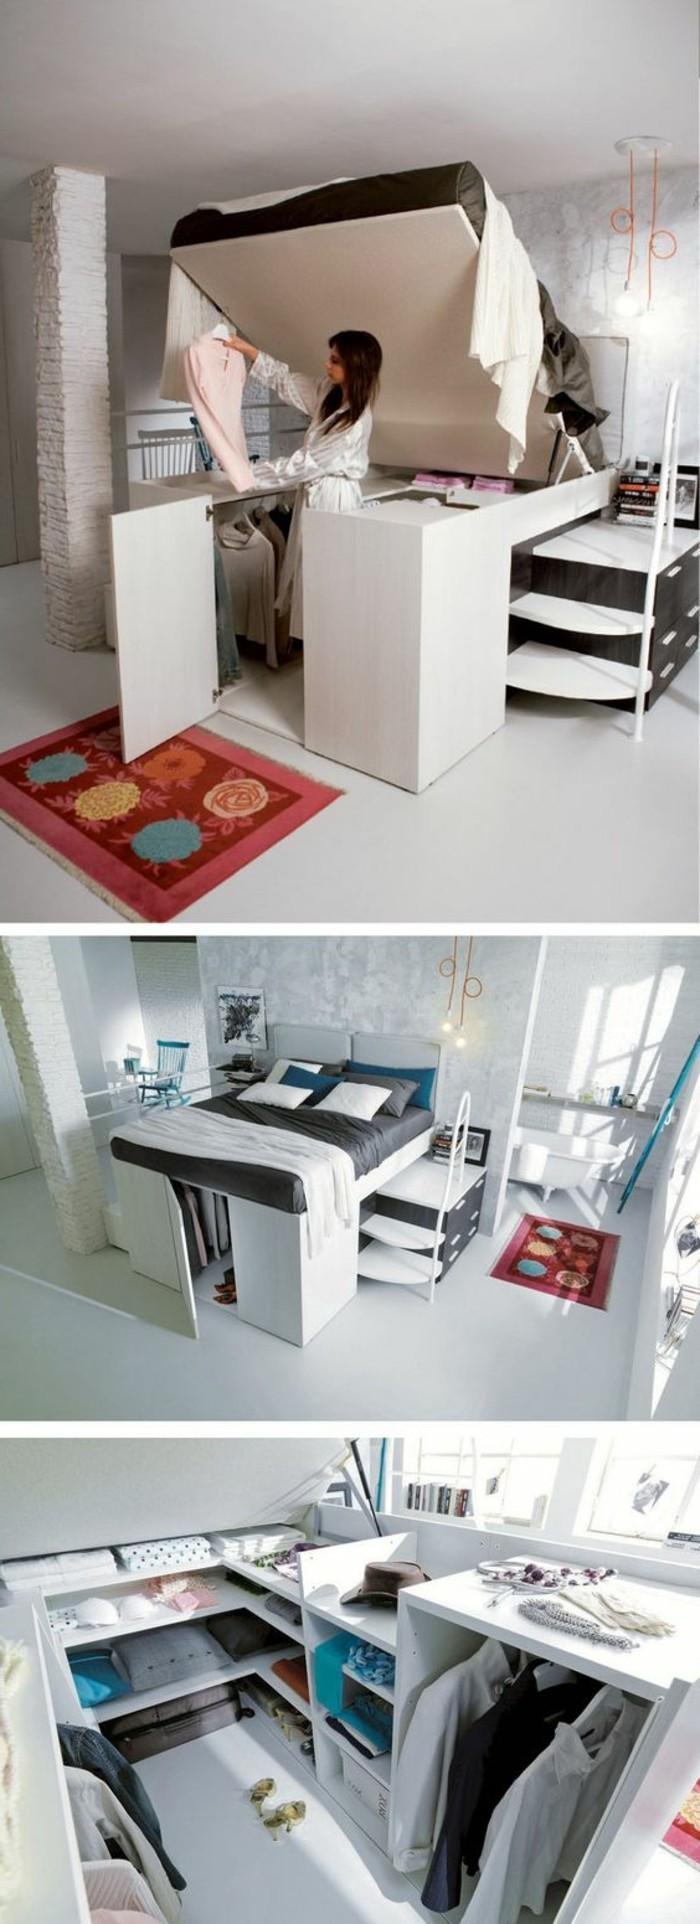 Betten Ideen Für Kleine Räume